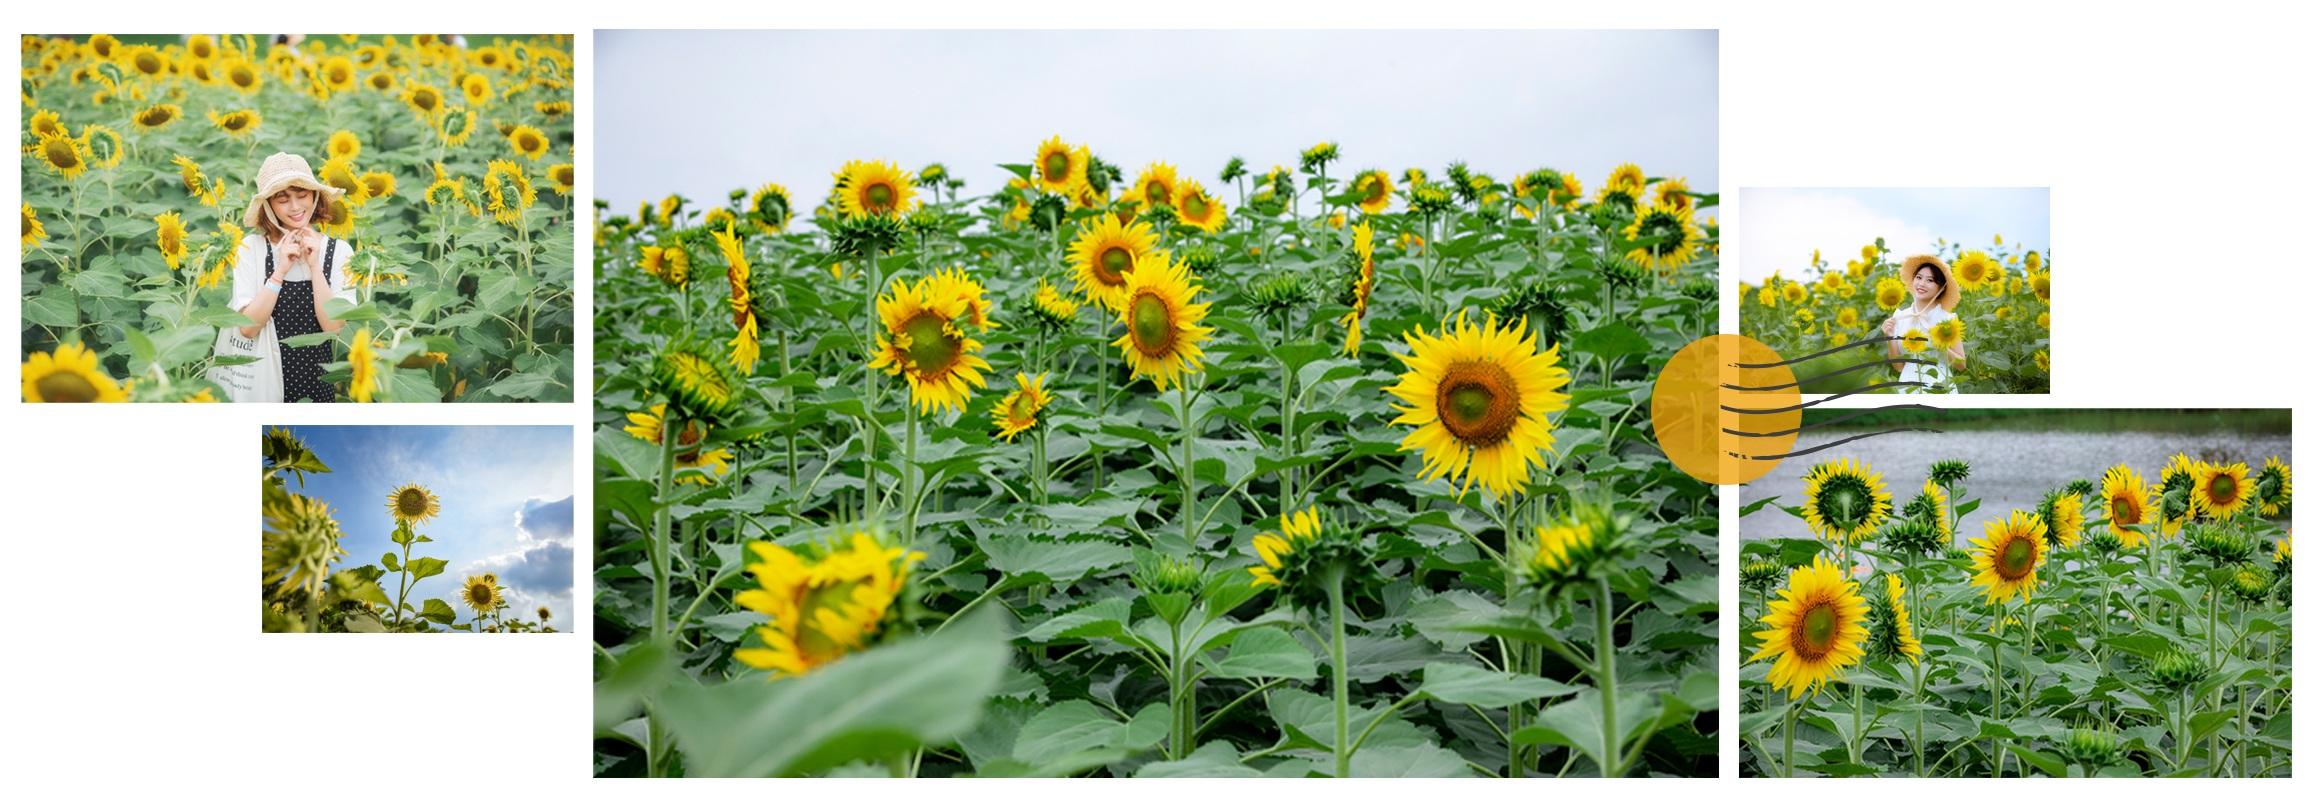 Ngắm cánh đồng hoa hướng dương rực rỡ, trải thảm vàng trong KĐT Ecopark - 3